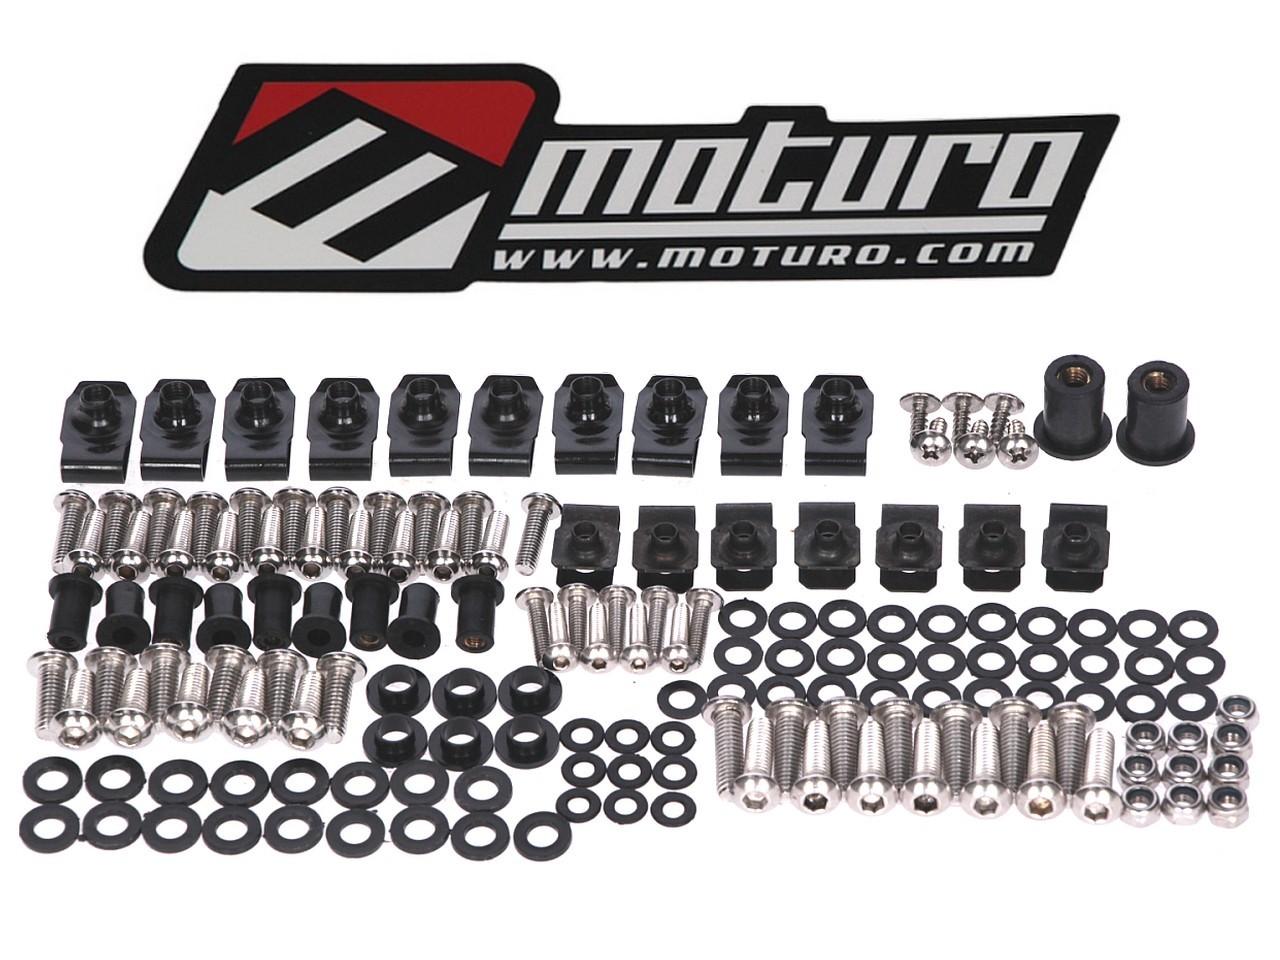 Moturo Verkleidungsschrauben Set für Ducati 749 999 Rahmen & Aufbau ...